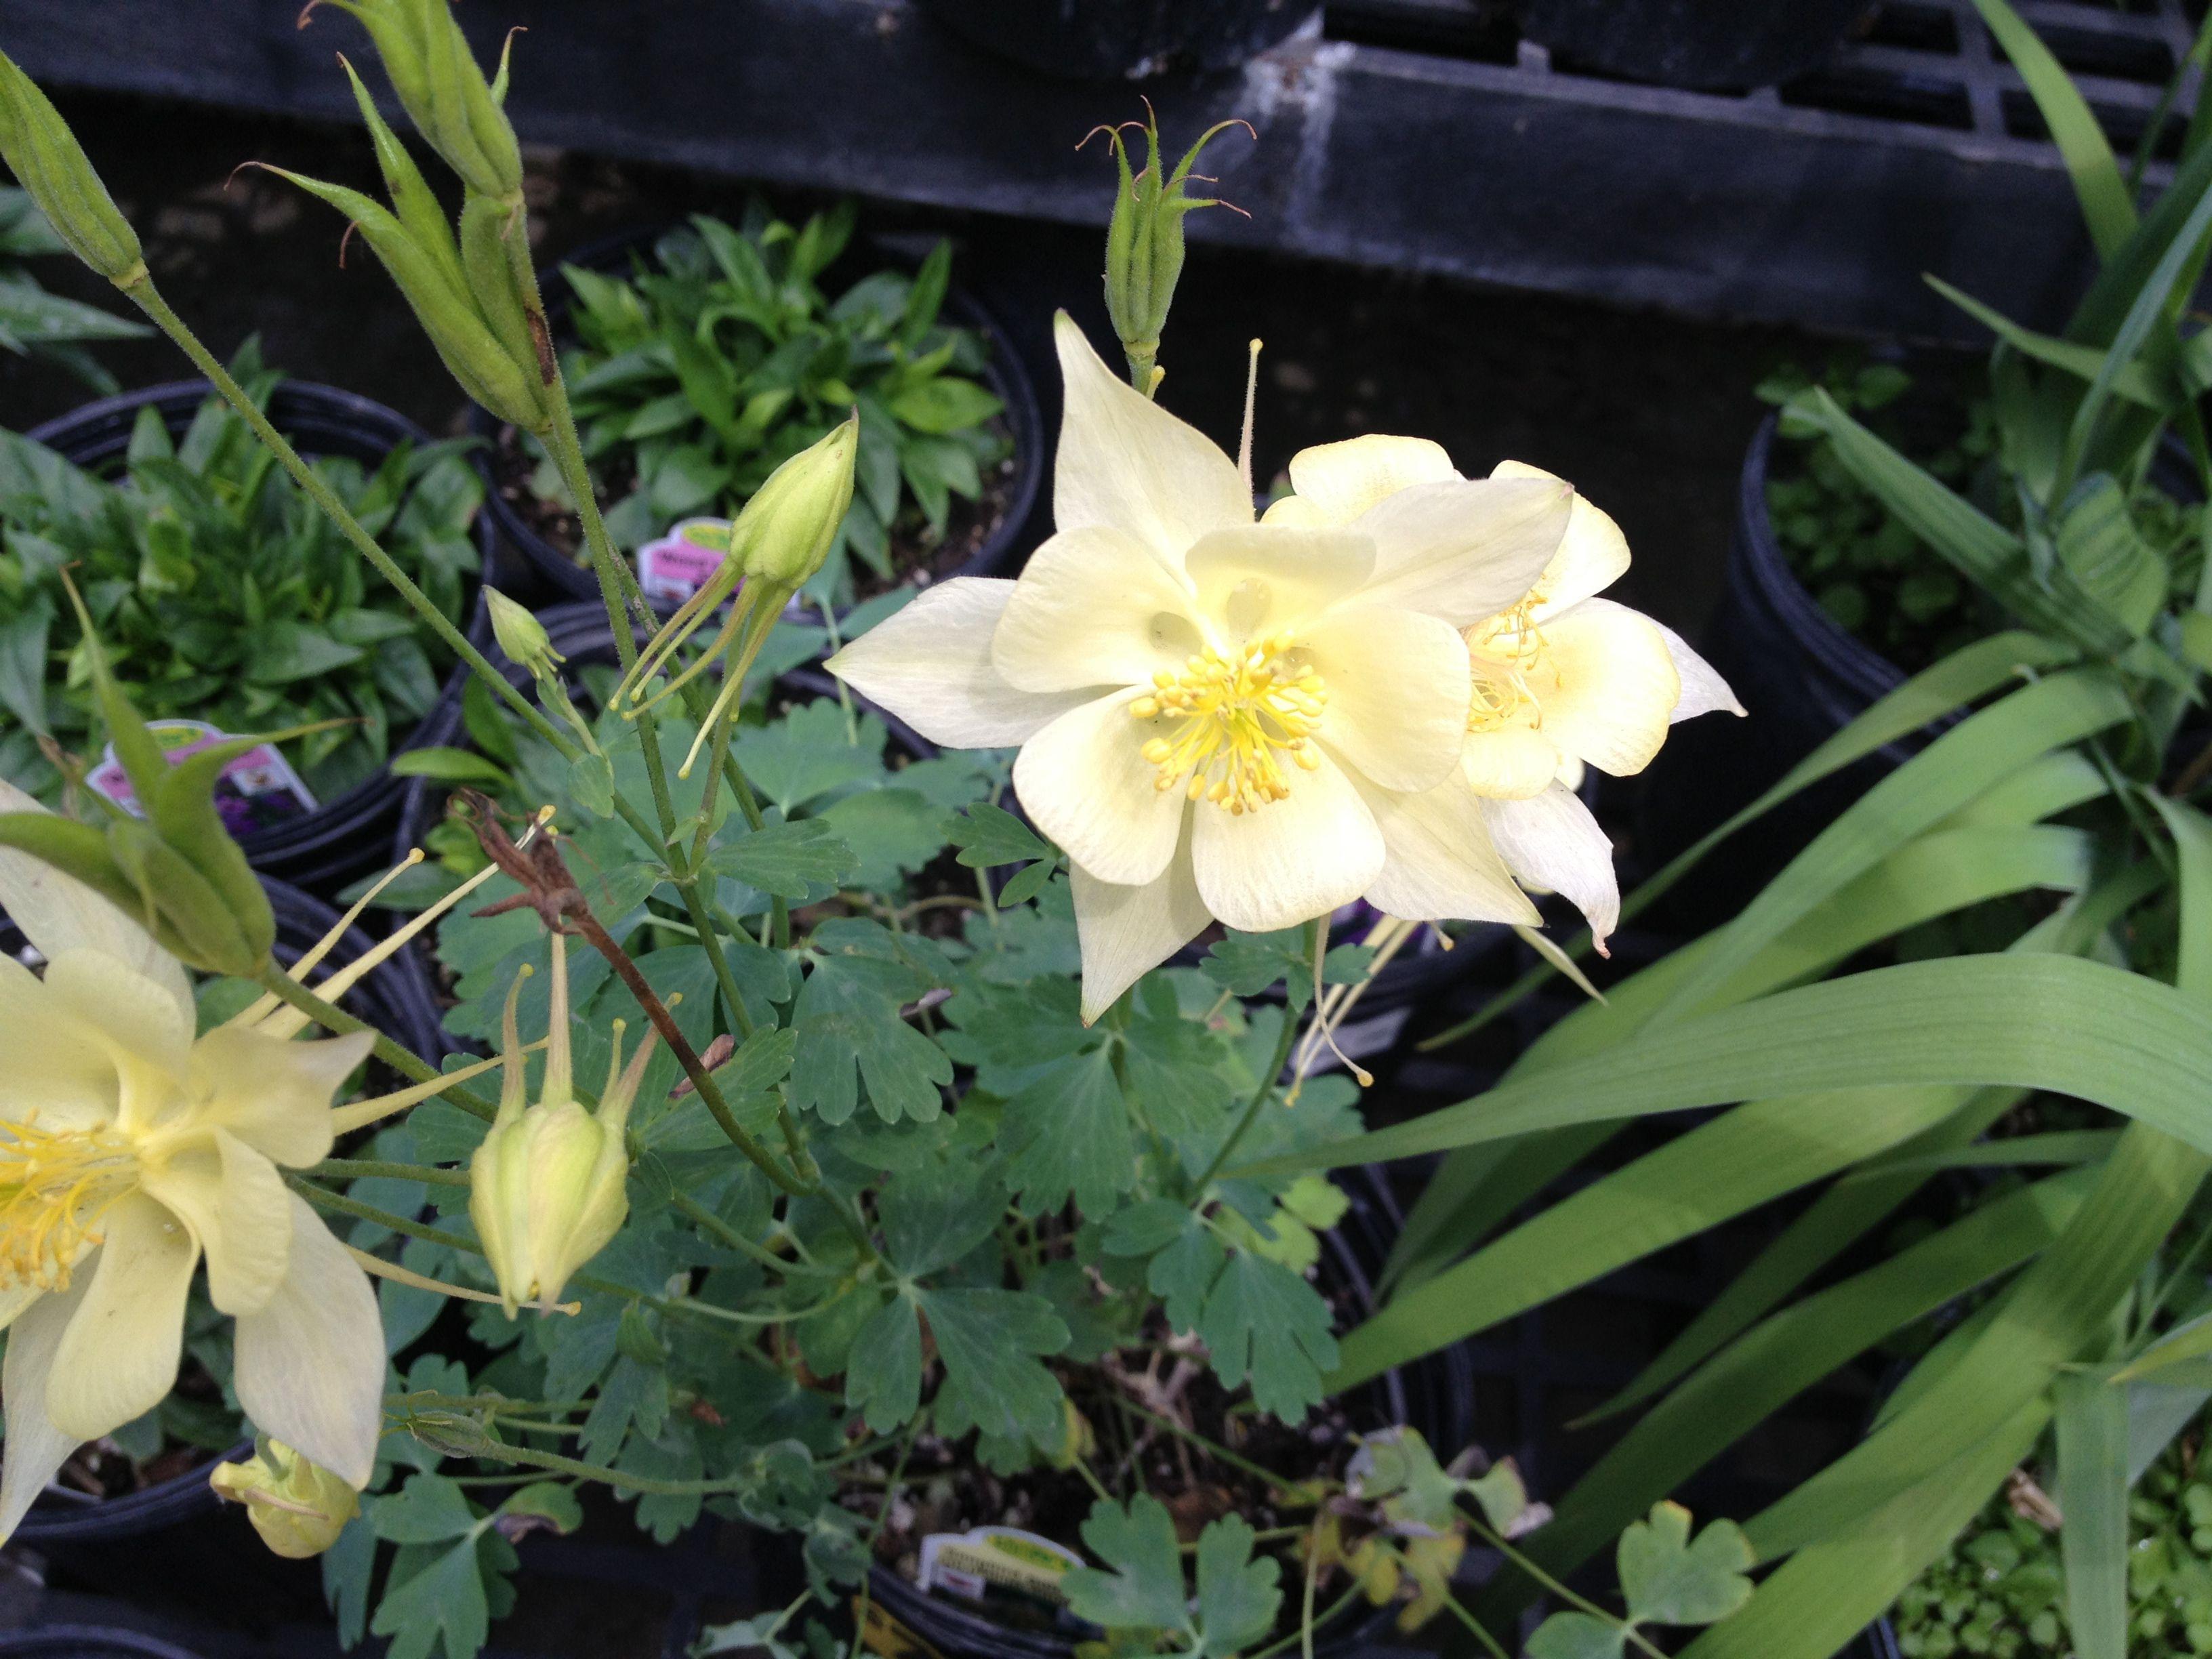 Columbine - thinking I should plant some.